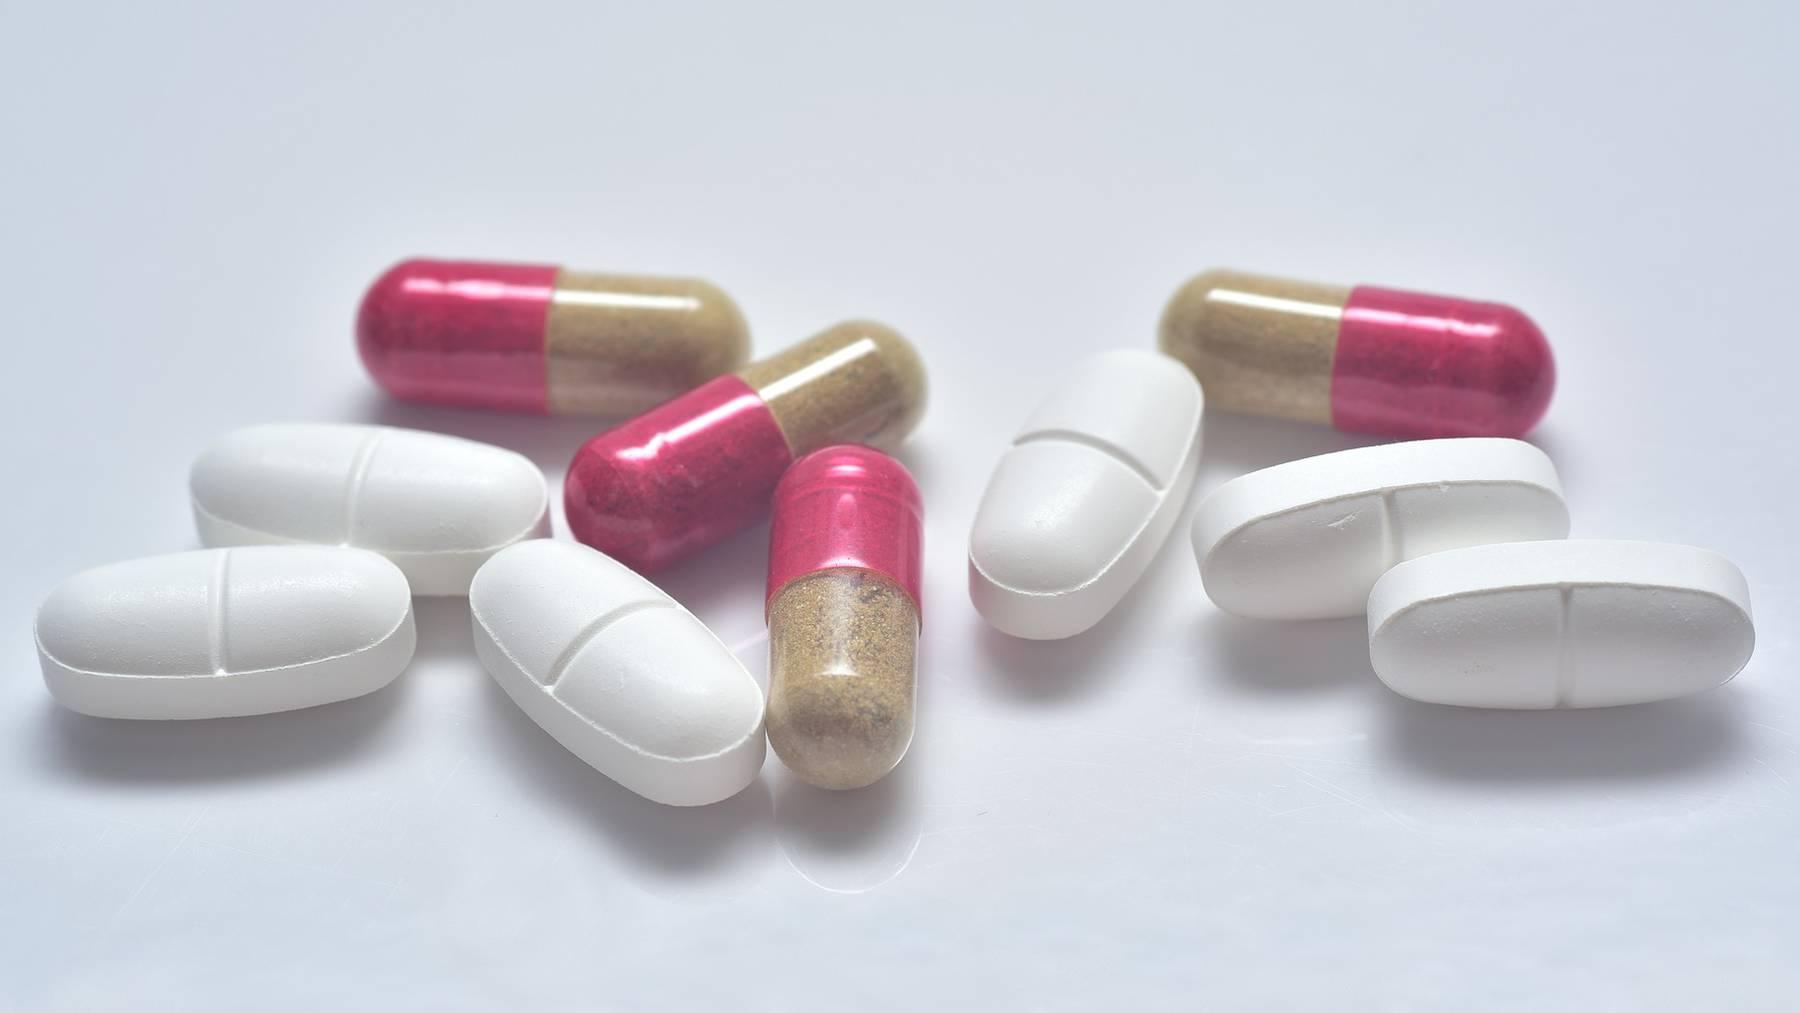 Zu viel Antibiotika für Kleinkinder in armen Ländern